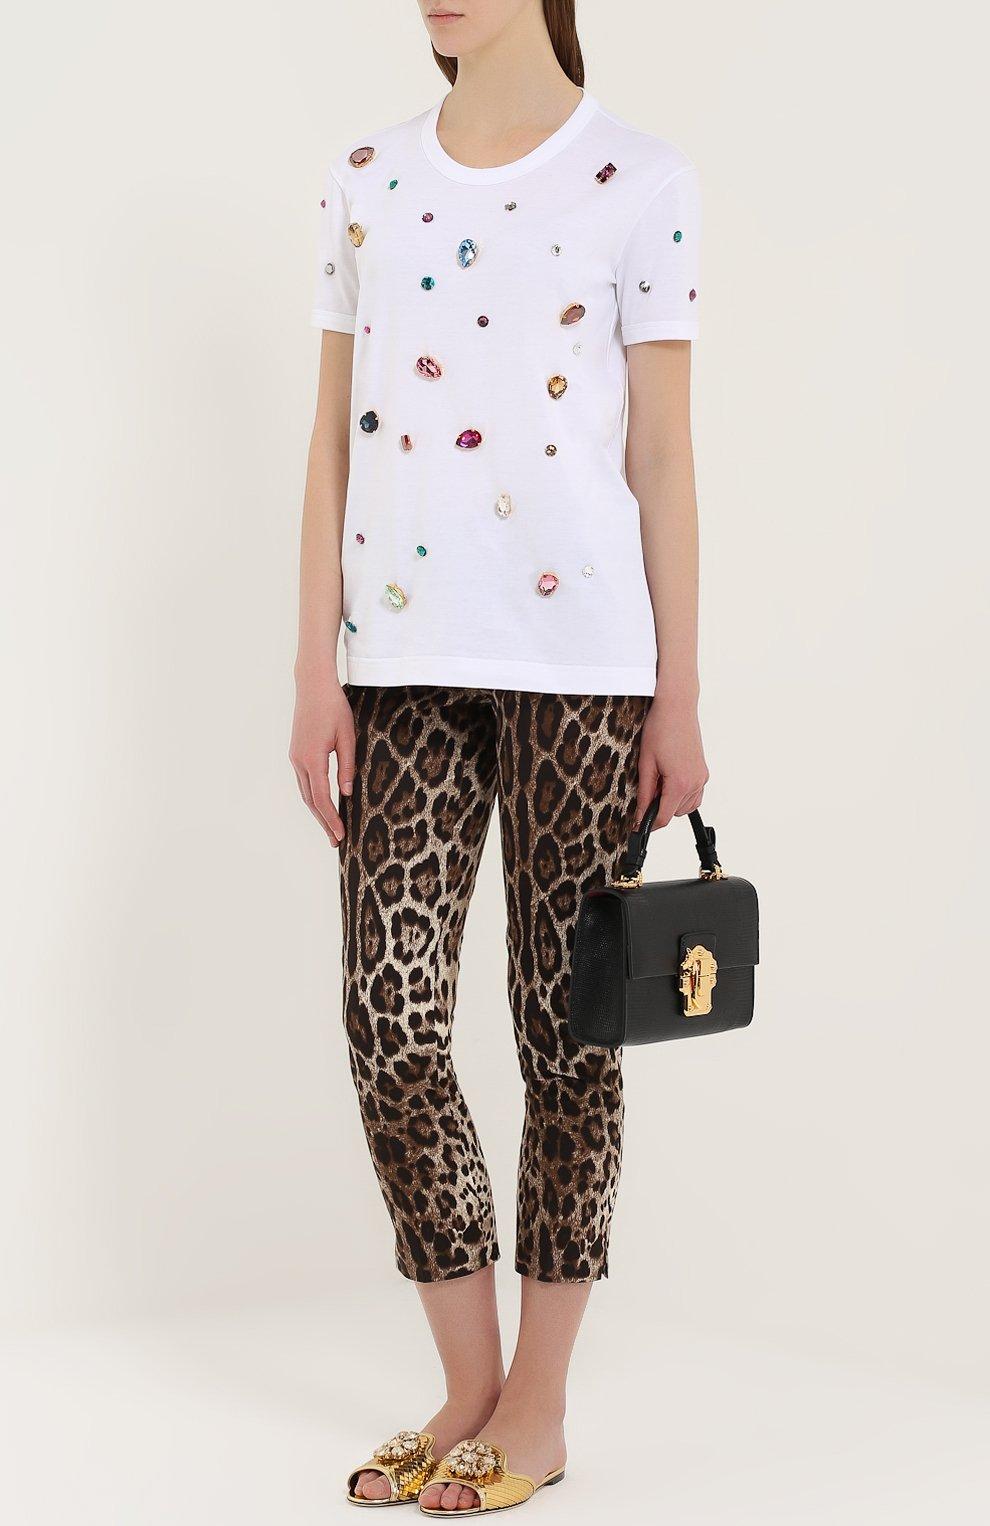 Кружевные шлепанцы Bianca с кристаллами Dolce & Gabbana золотые | Фото №2